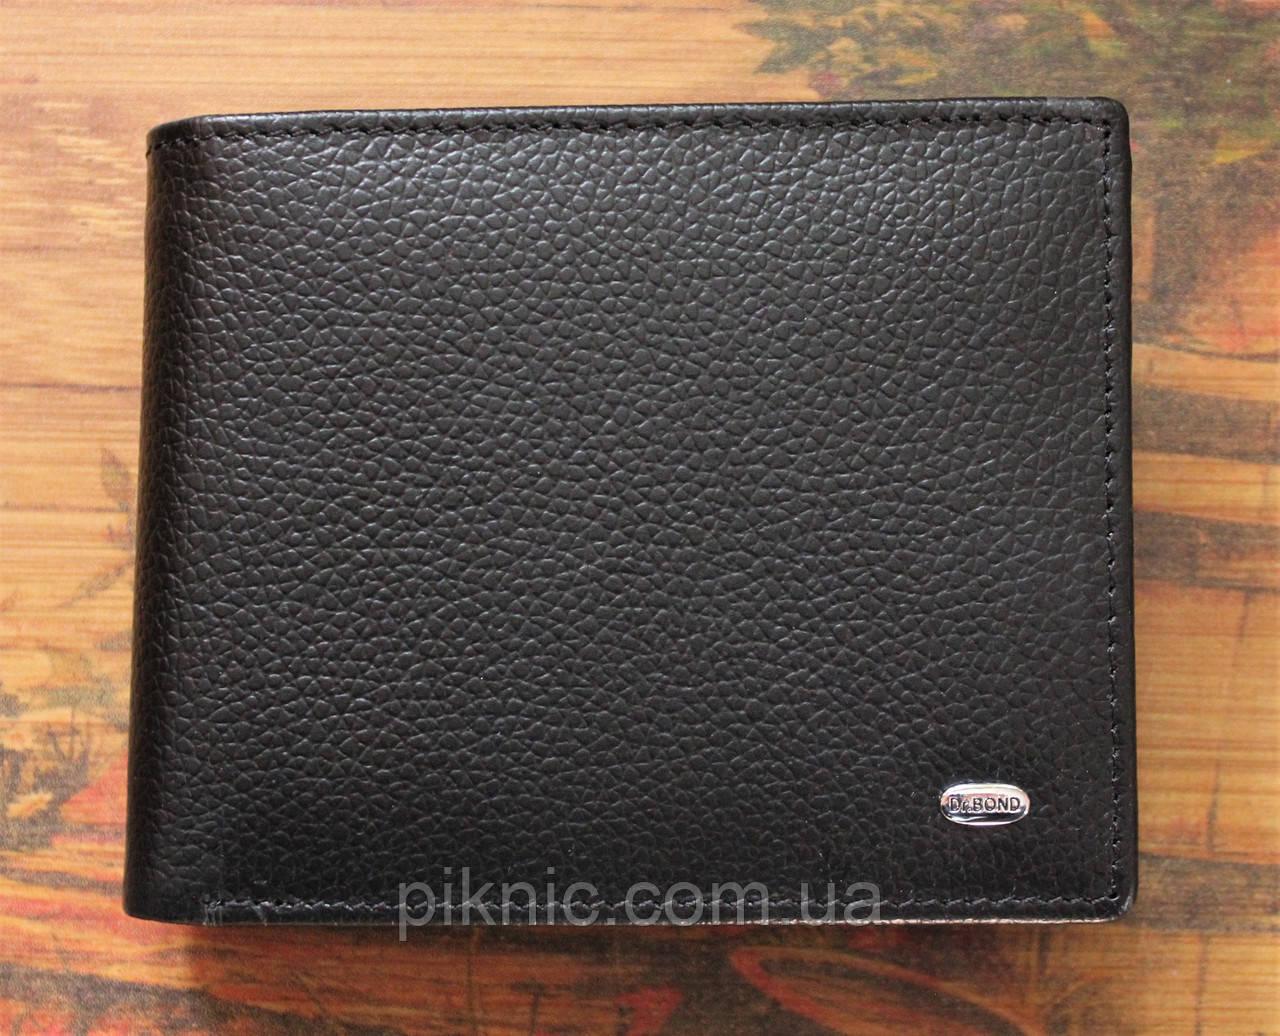 166f7761fc23 Кожаный мужской кошелек Dr Bond на магните, монетница. Портмоне из  натуральной кожи - интернет